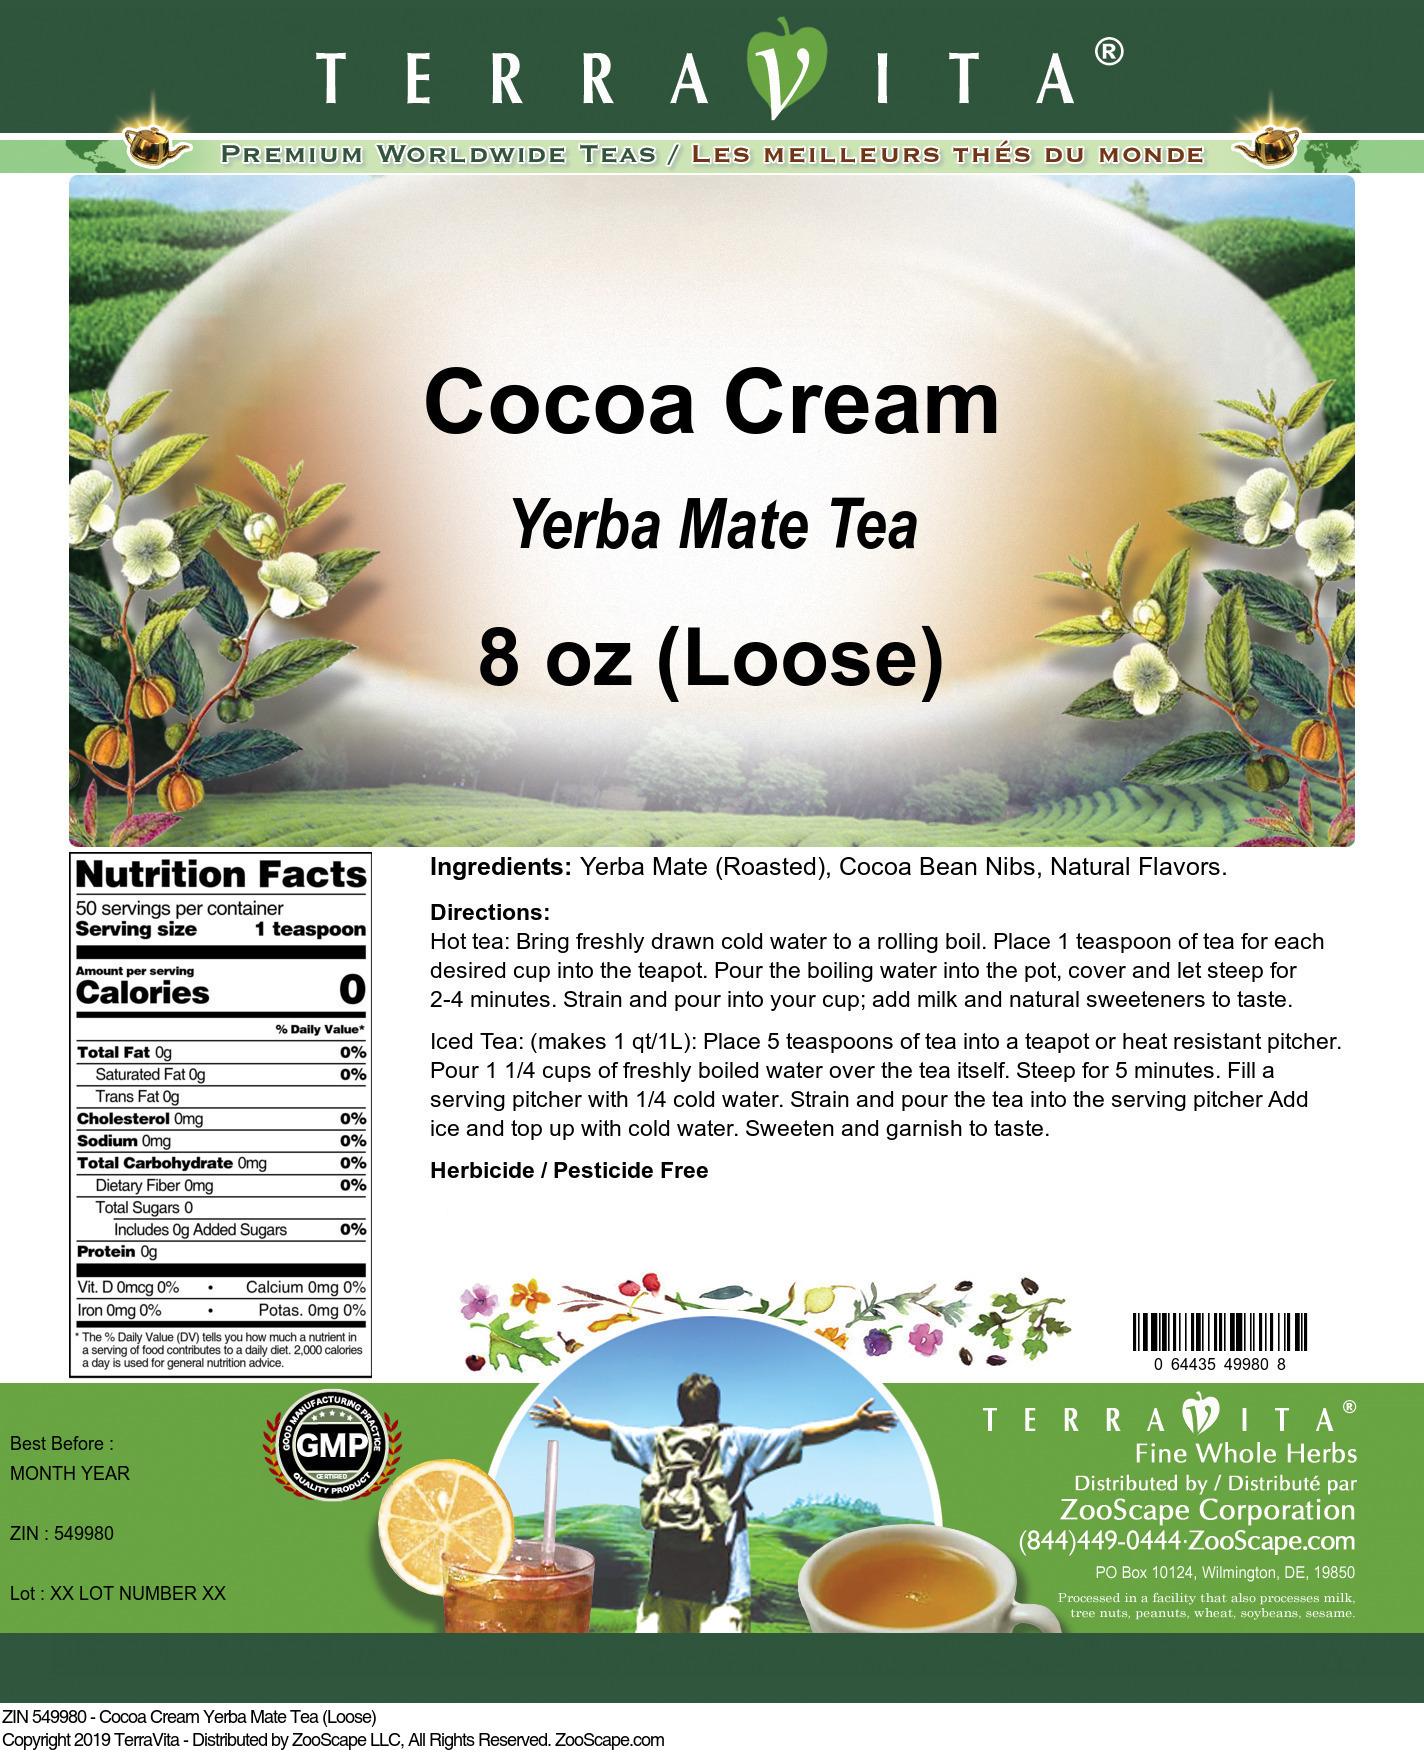 Cocoa Cream Yerba Mate Tea (Loose)